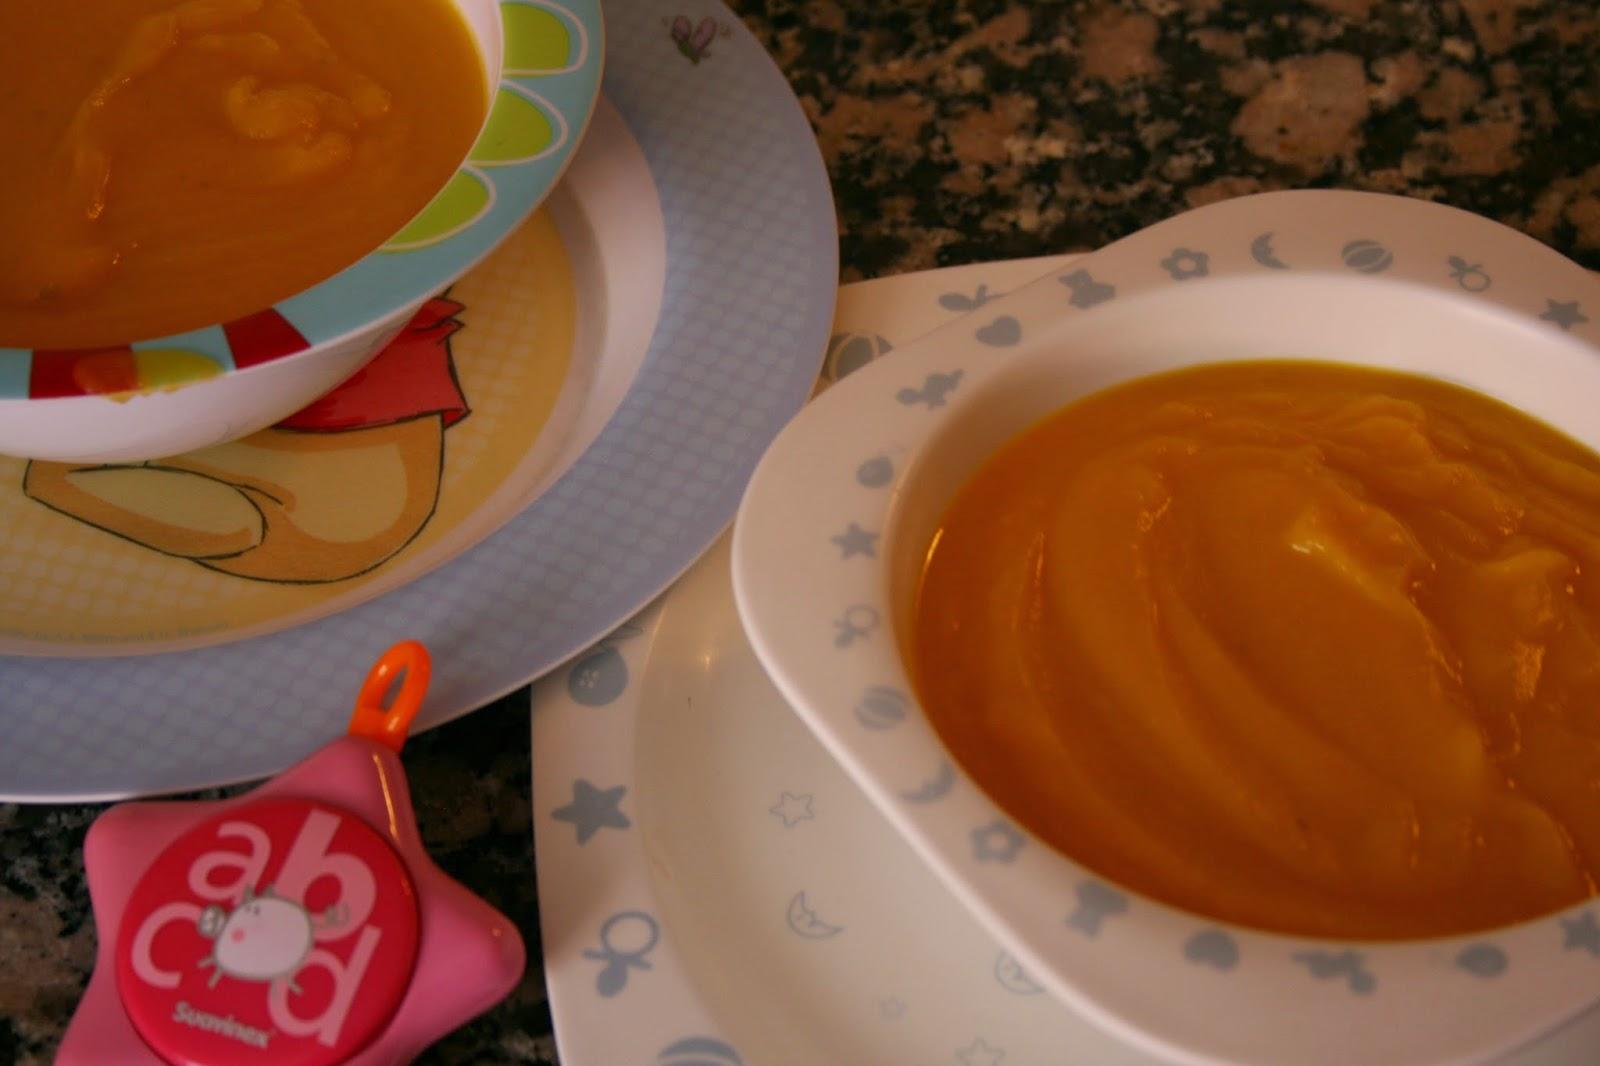 El rincon de pris primer pur de verduras beb 6 meses - Pures bebes 6 meses ...